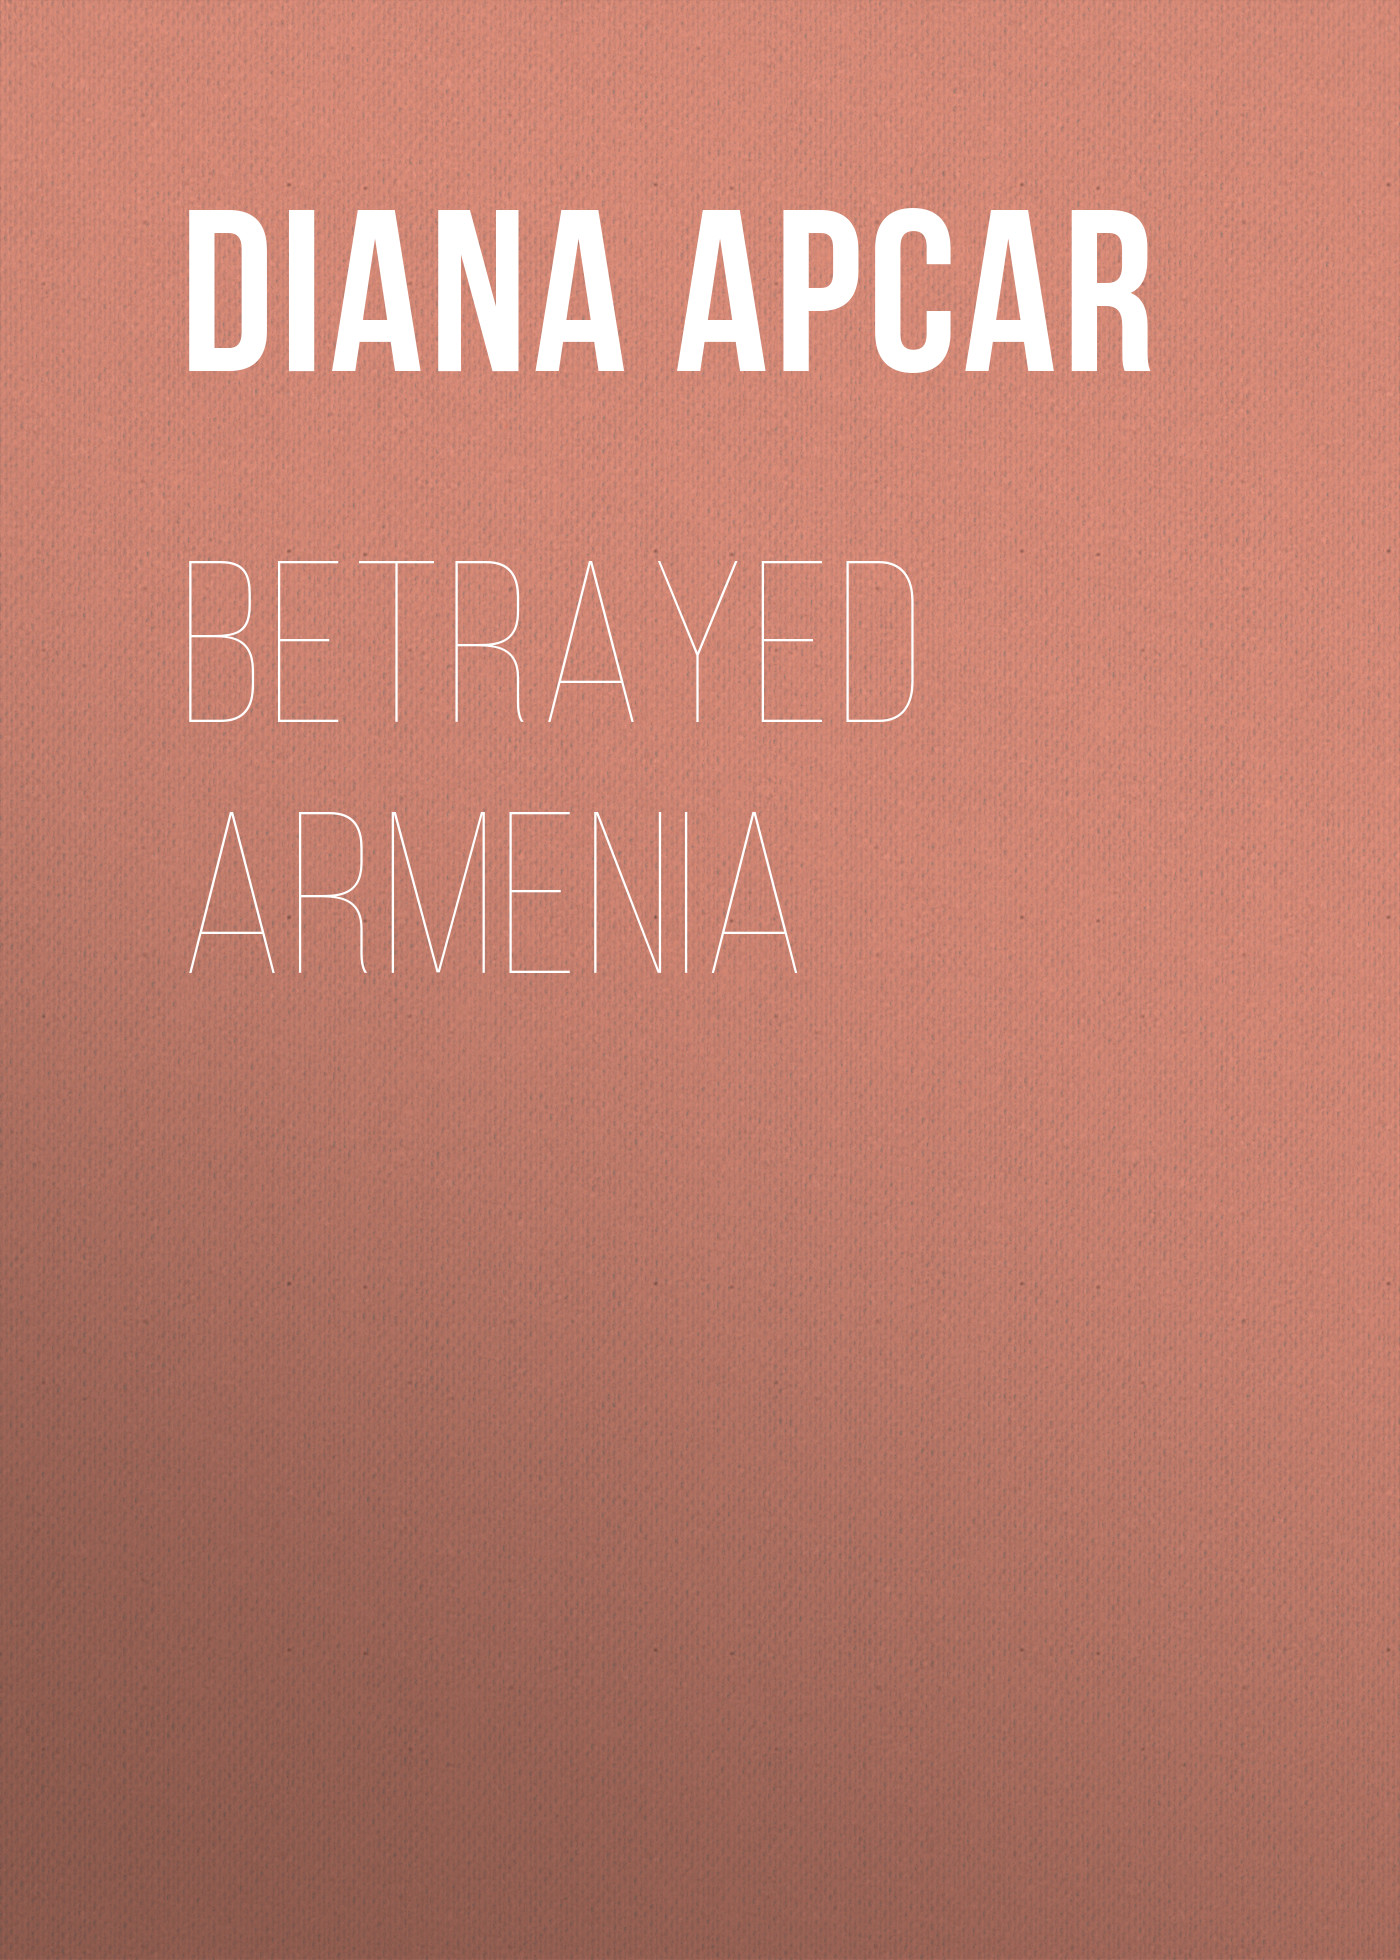 betrayed armenia